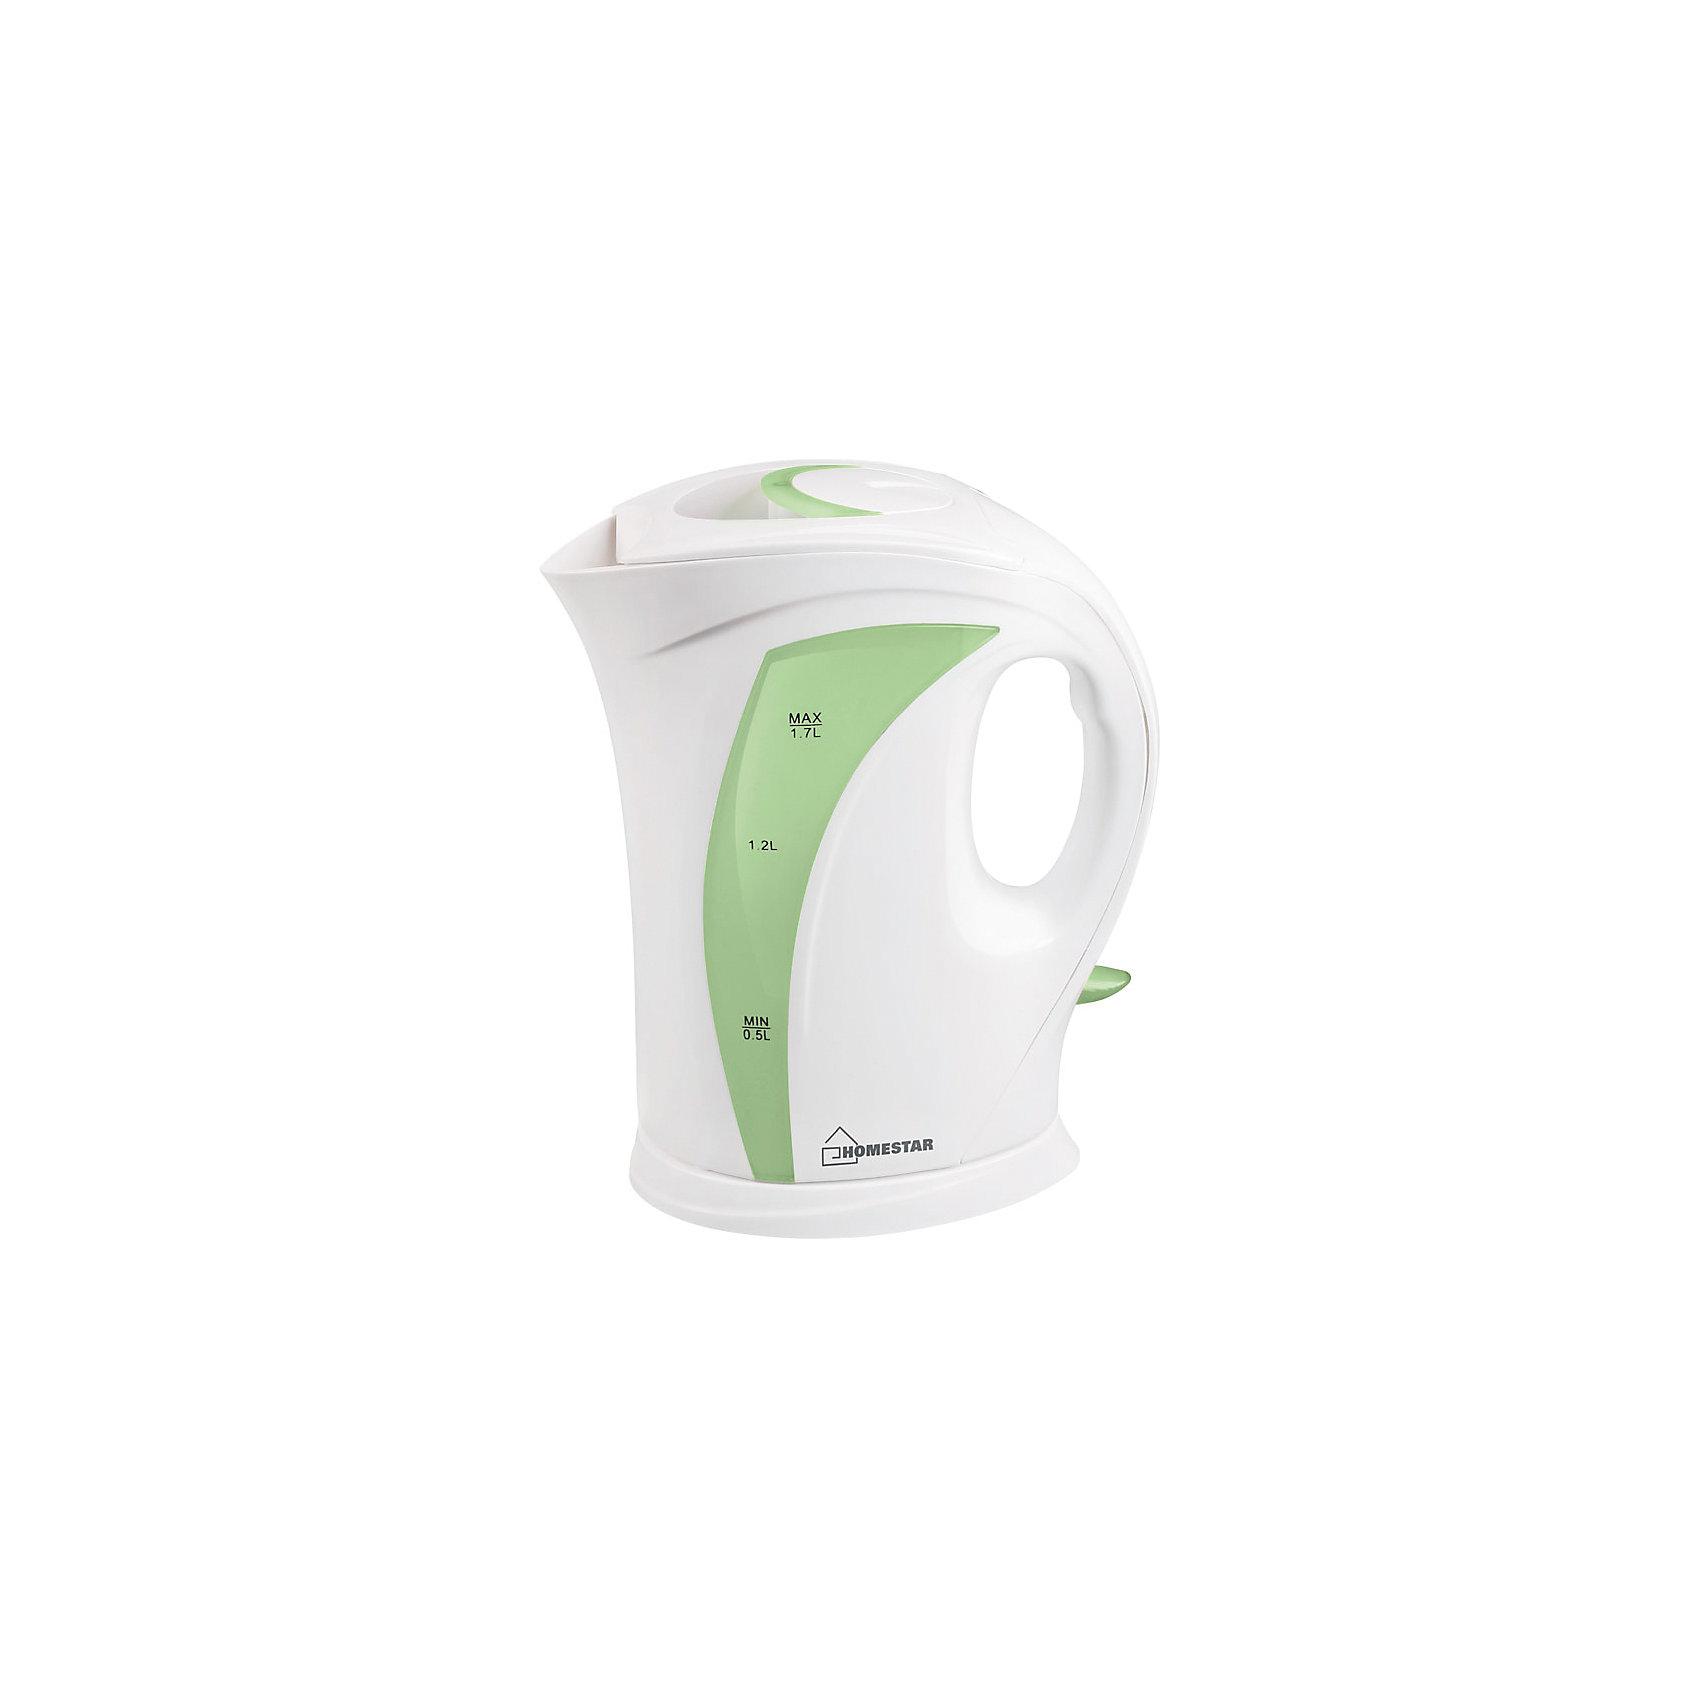 Чайник HS-1006 (1,7 л), HomeStar,  бело-зеленыйЭлектрический чайник Energy дает возможность быстро вскипятить воду. Чайник оборудован открытым нагревательным элементом из нержавеющей стали, есть функция автоотключения при закипании. Предусмотрена защита от работы без воды. Шкала уровня воды находится на внешней стороне чайника на прозрачном окошке.<br><br>Дополнительная информация:<br><br>Размер чайника: 24,5х19,5х13,6 см<br>Объем чайника: 1,7 л<br><br>Материал корпуса: пластик<br>Нагревательный элемент: нержавеющая сталь<br><br>Мощность: 1850-2200Вт<br>Напряжение: 220-240В, 50/60Гц<br> <br>Чайник HS-1006 (1,7 л), HomeStar, бело-зеленый можно купить в нашем интернет-магазине.<br><br>Ширина мм: 200<br>Глубина мм: 140<br>Высота мм: 250<br>Вес г: 862<br>Возраст от месяцев: 216<br>Возраст до месяцев: 1080<br>Пол: Унисекс<br>Возраст: Детский<br>SKU: 4989895